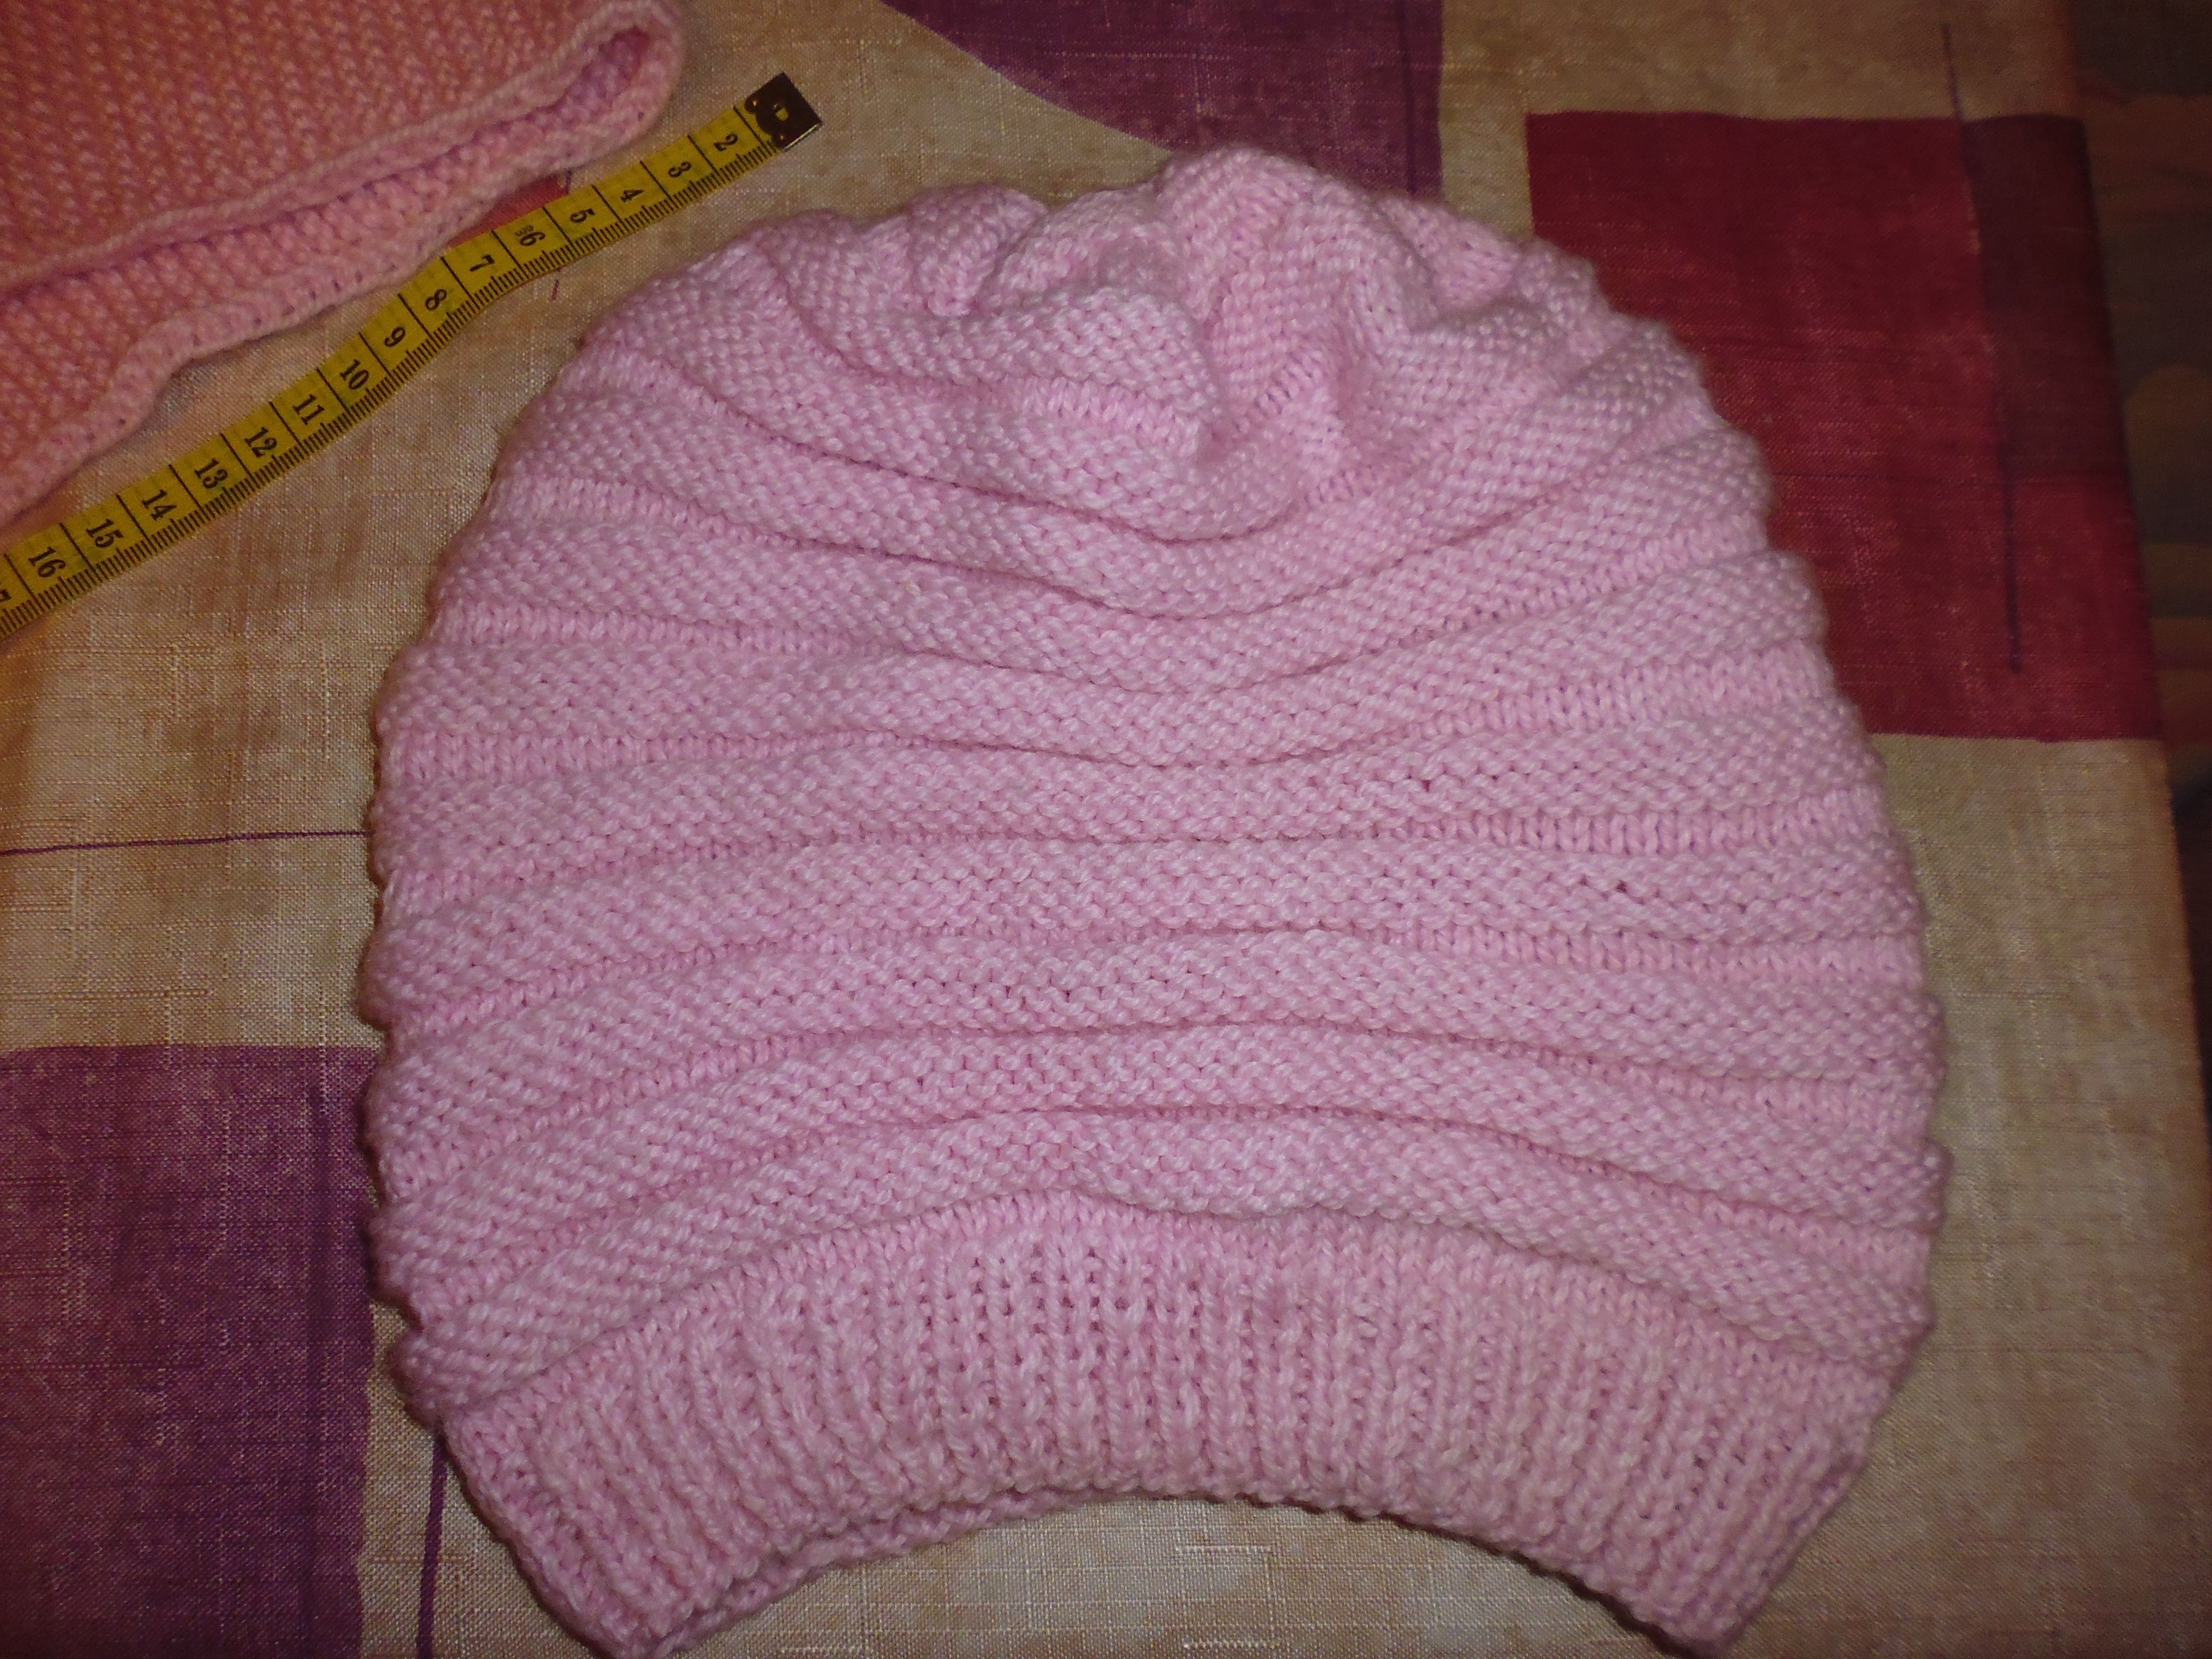 вязаные вязанное вязаннаяшапка шапка kniting knitting шарф вязаниеназаказ